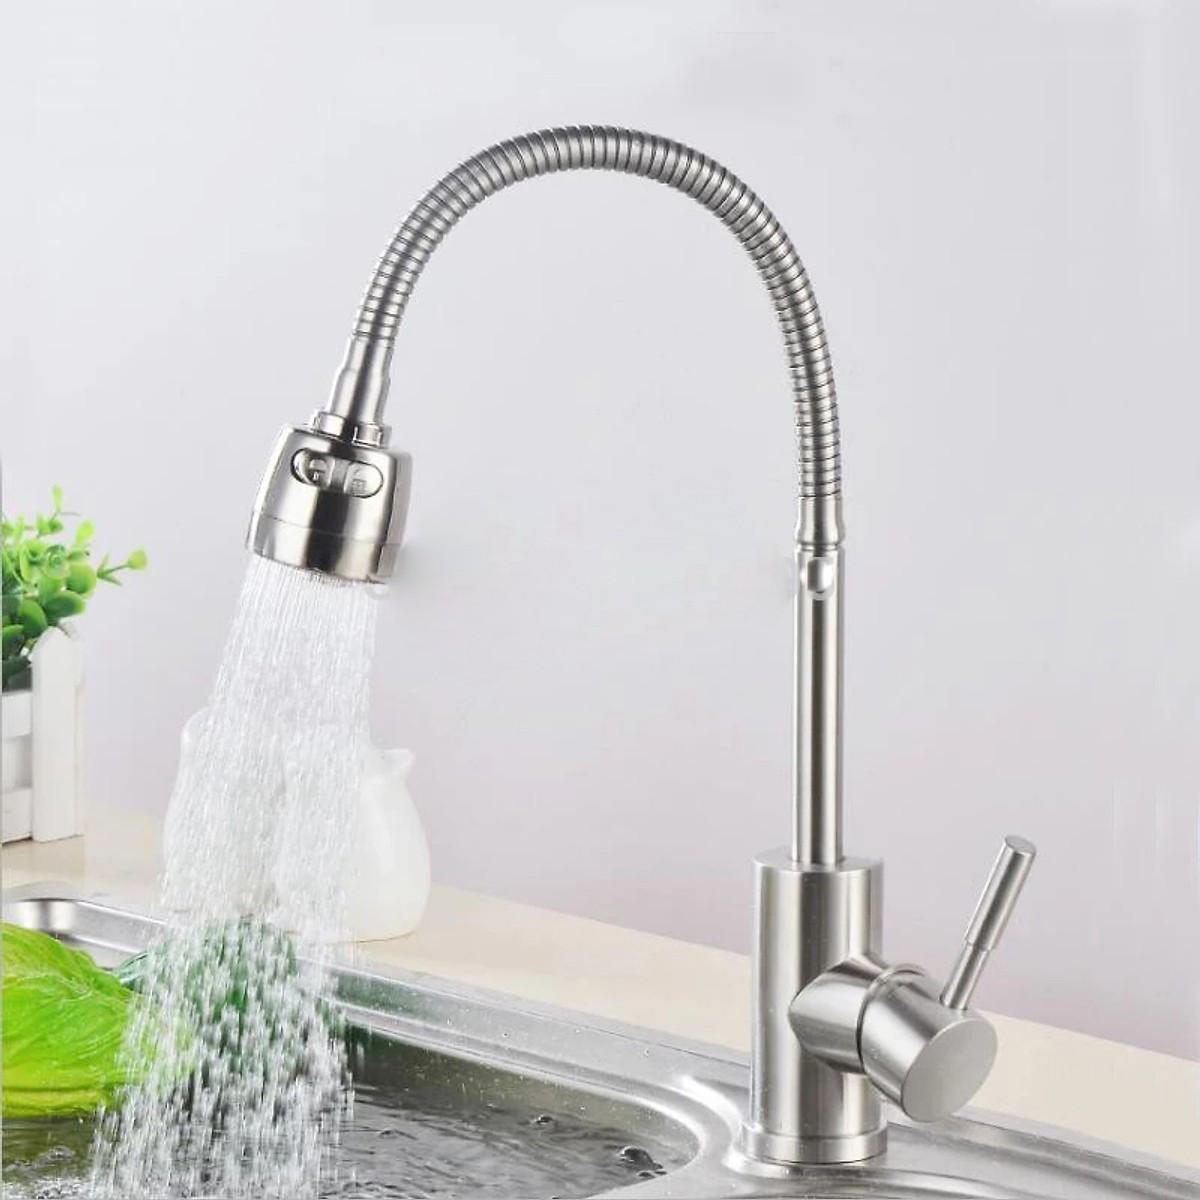 Vòi rửa chén bát cần bẻ lò xo xoay 360 độ INOX SUS 304  L-524